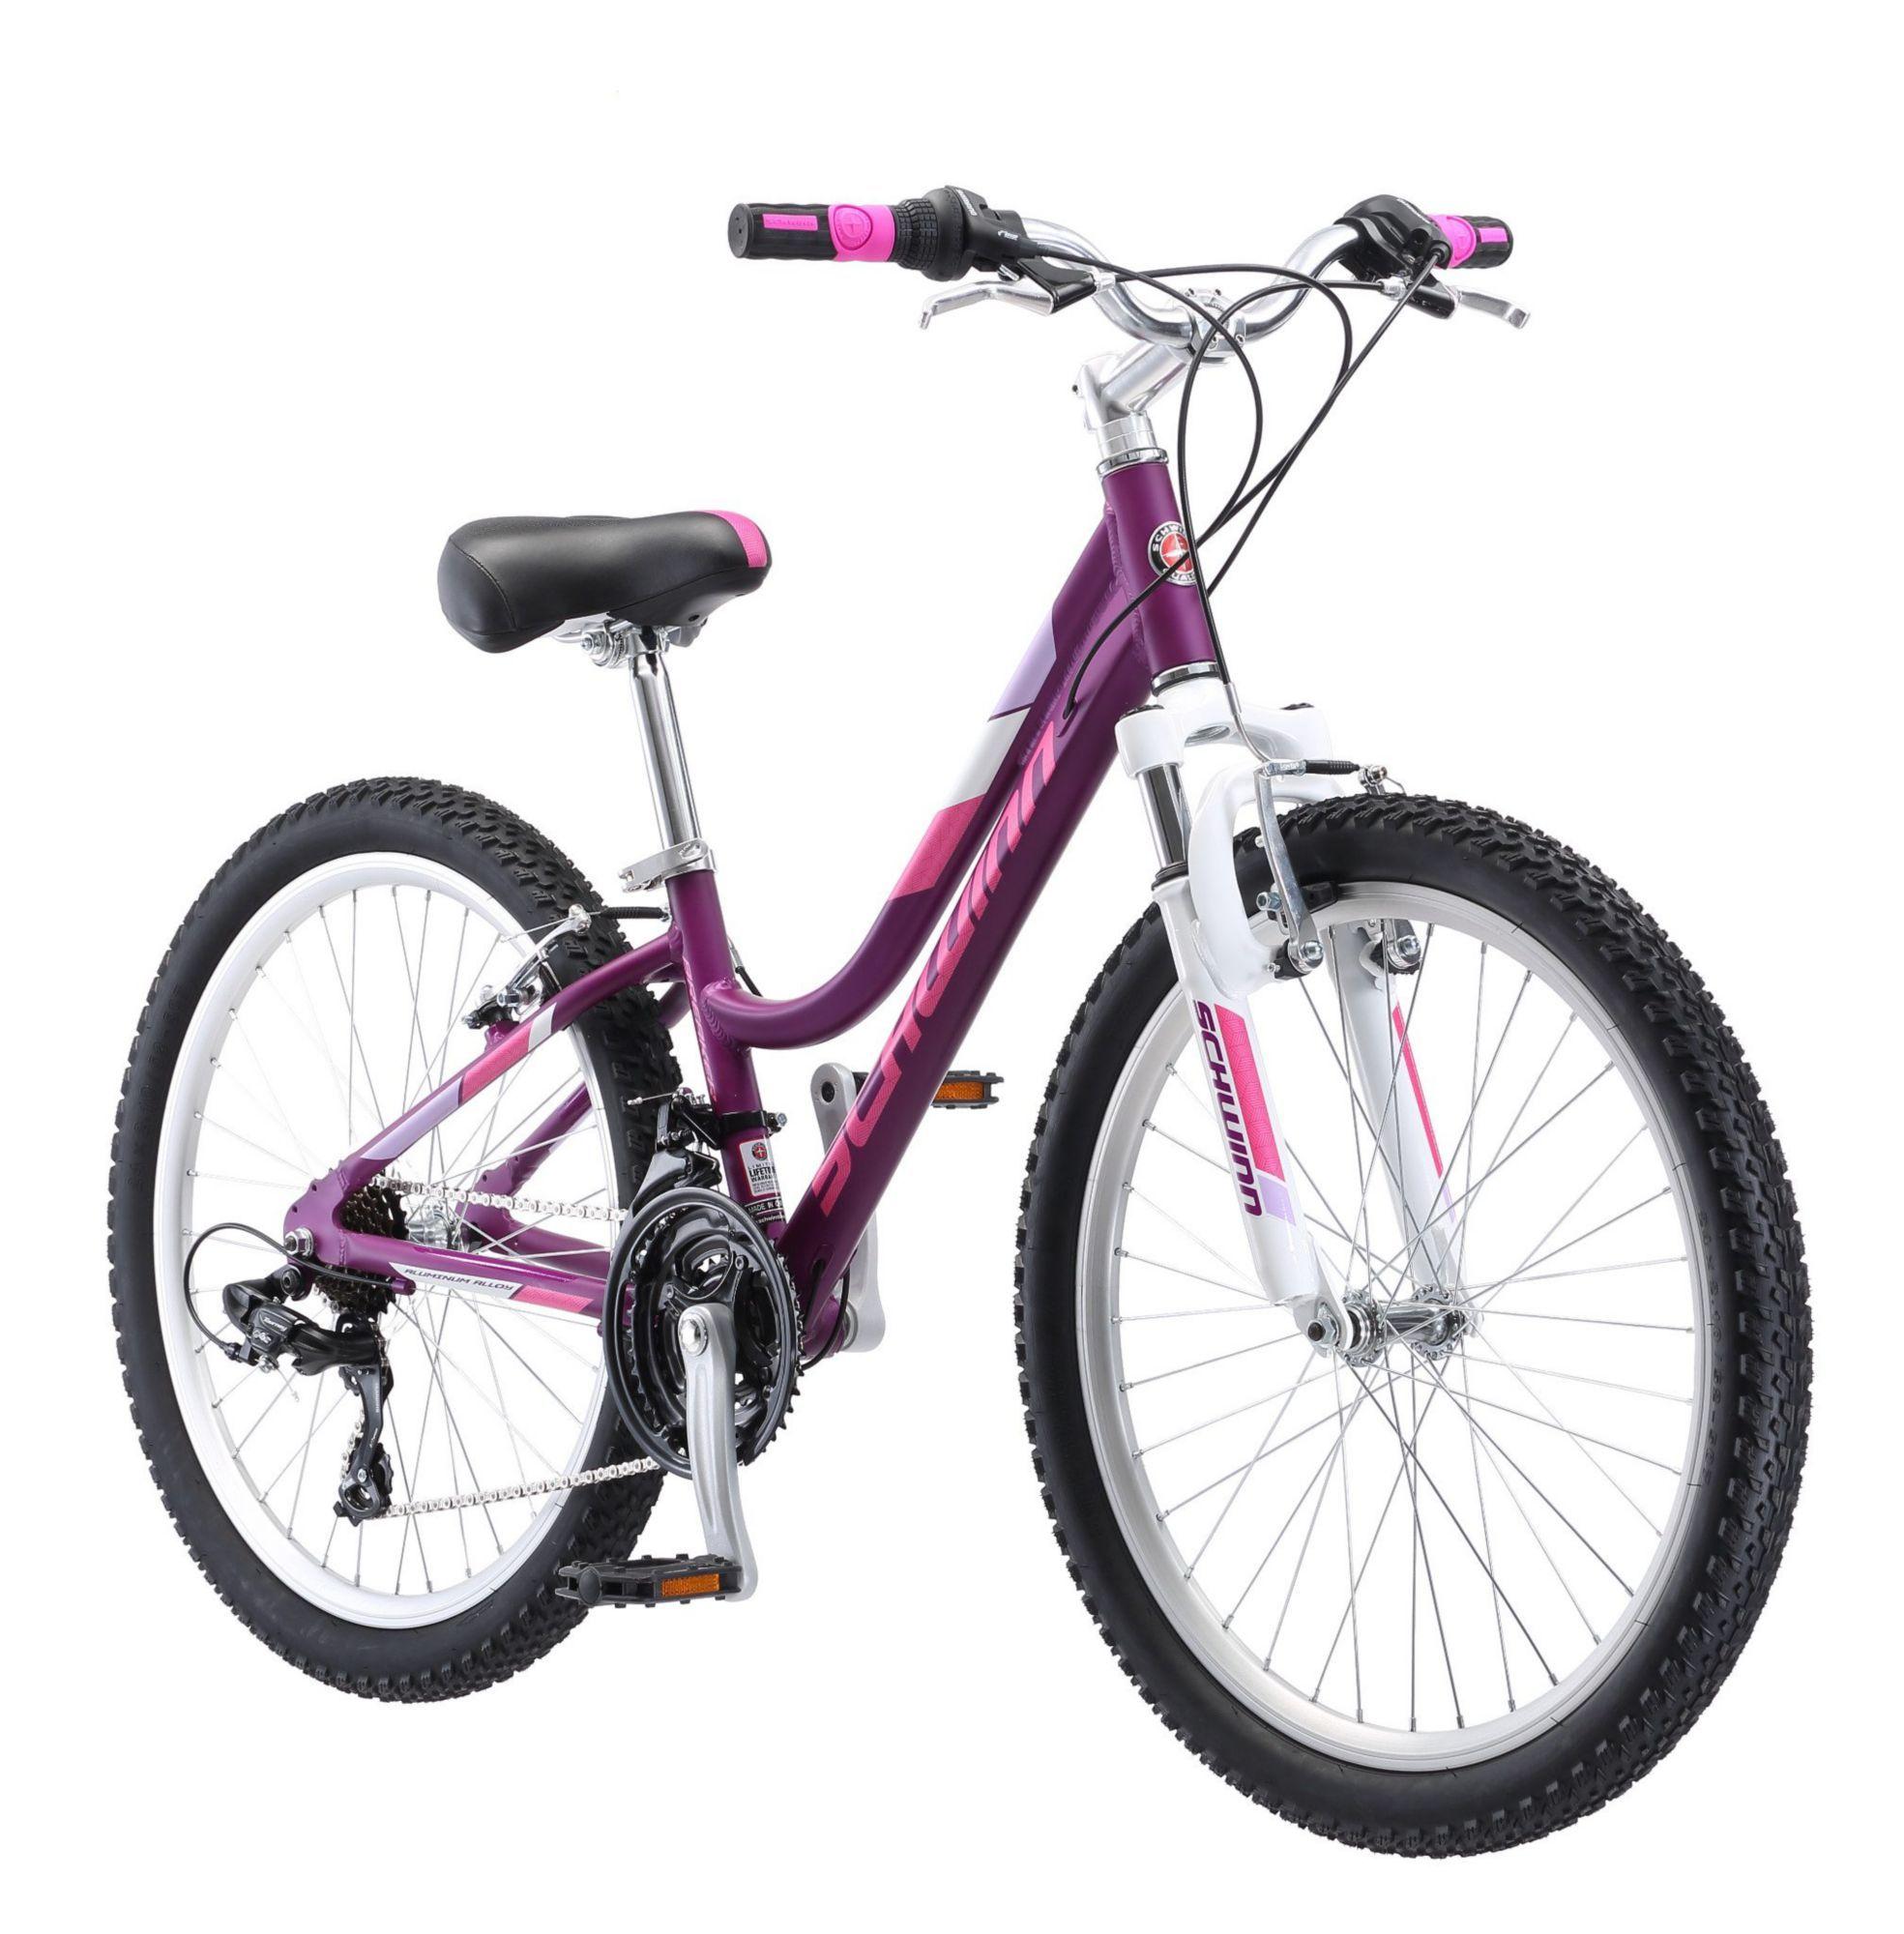 9354ecd7a20 Schwinn Girls' Breaker 24'' Mountain Bike | Products | Bike, Used ...